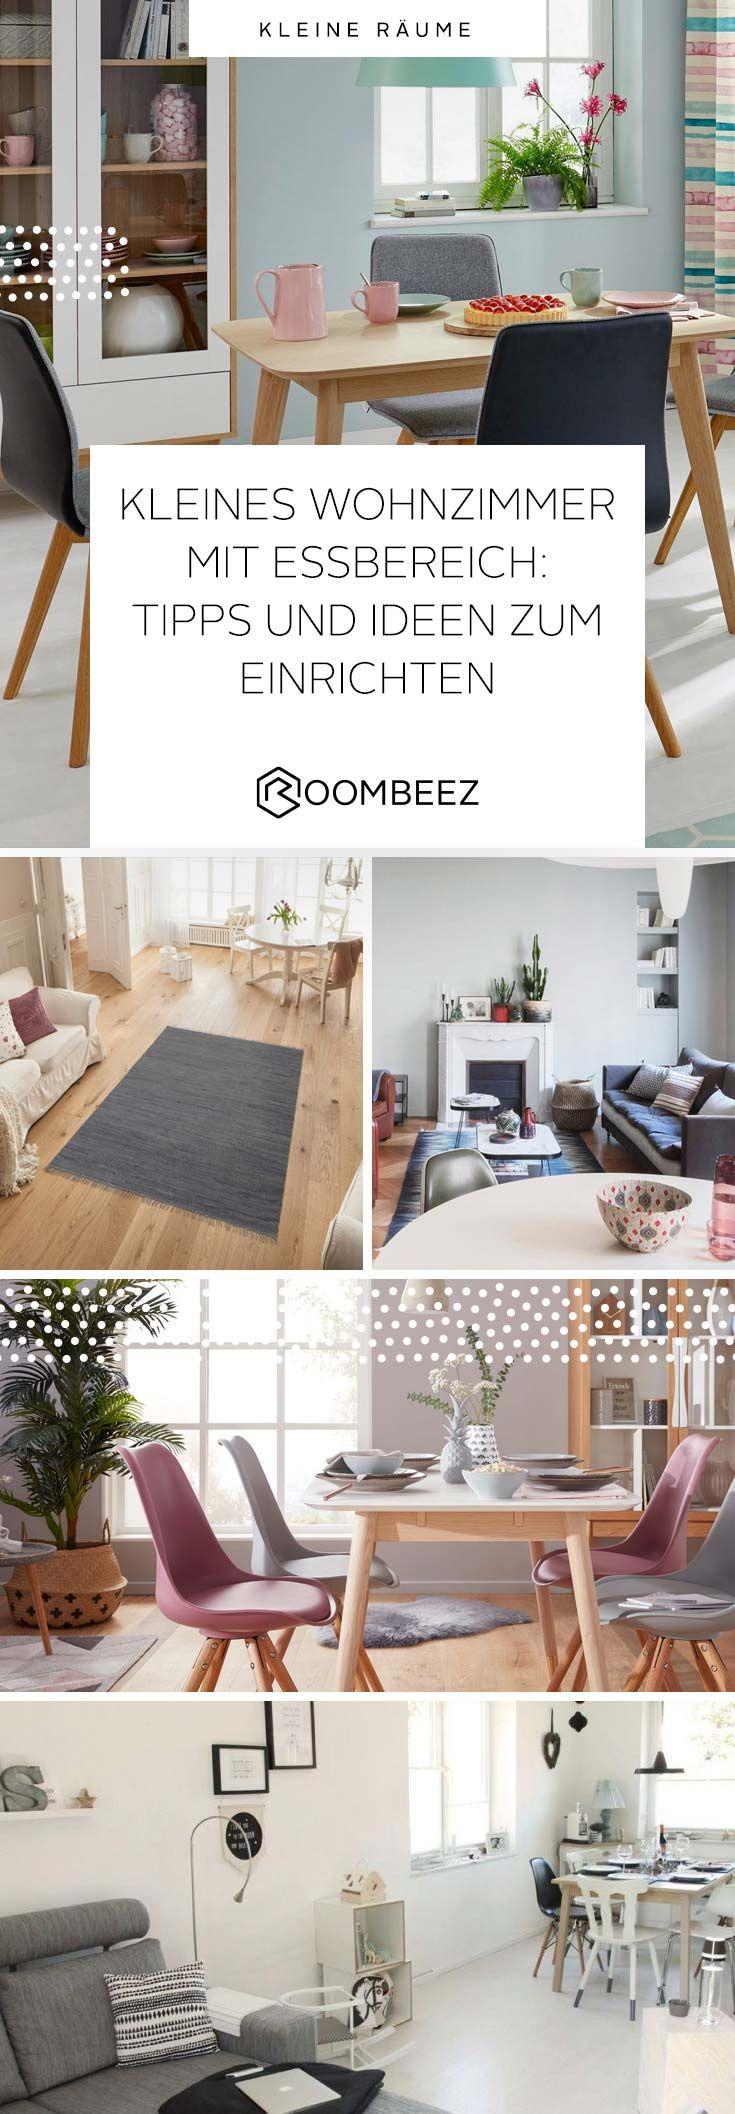 Kleines Wohnzimmer Mit Essbereich Einrichtungstipps